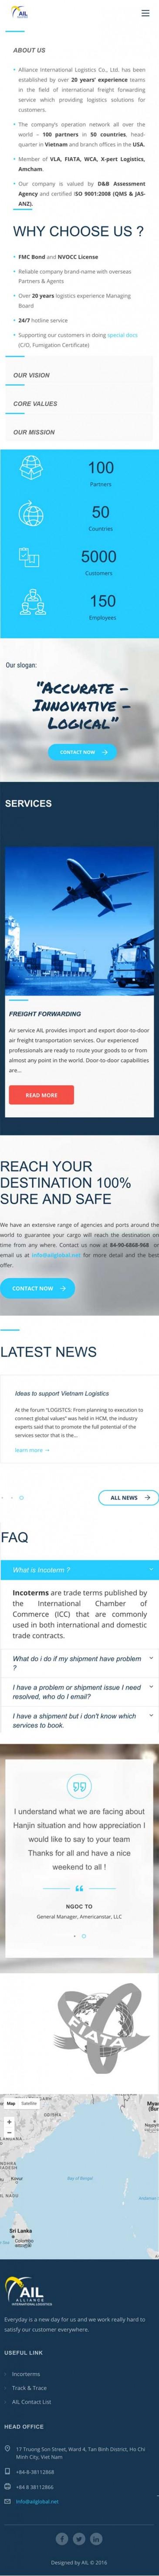 Thiết kế web công ty vận chuyển ALLIANCE INTERNATIONAL LOGISTICS trên mobile